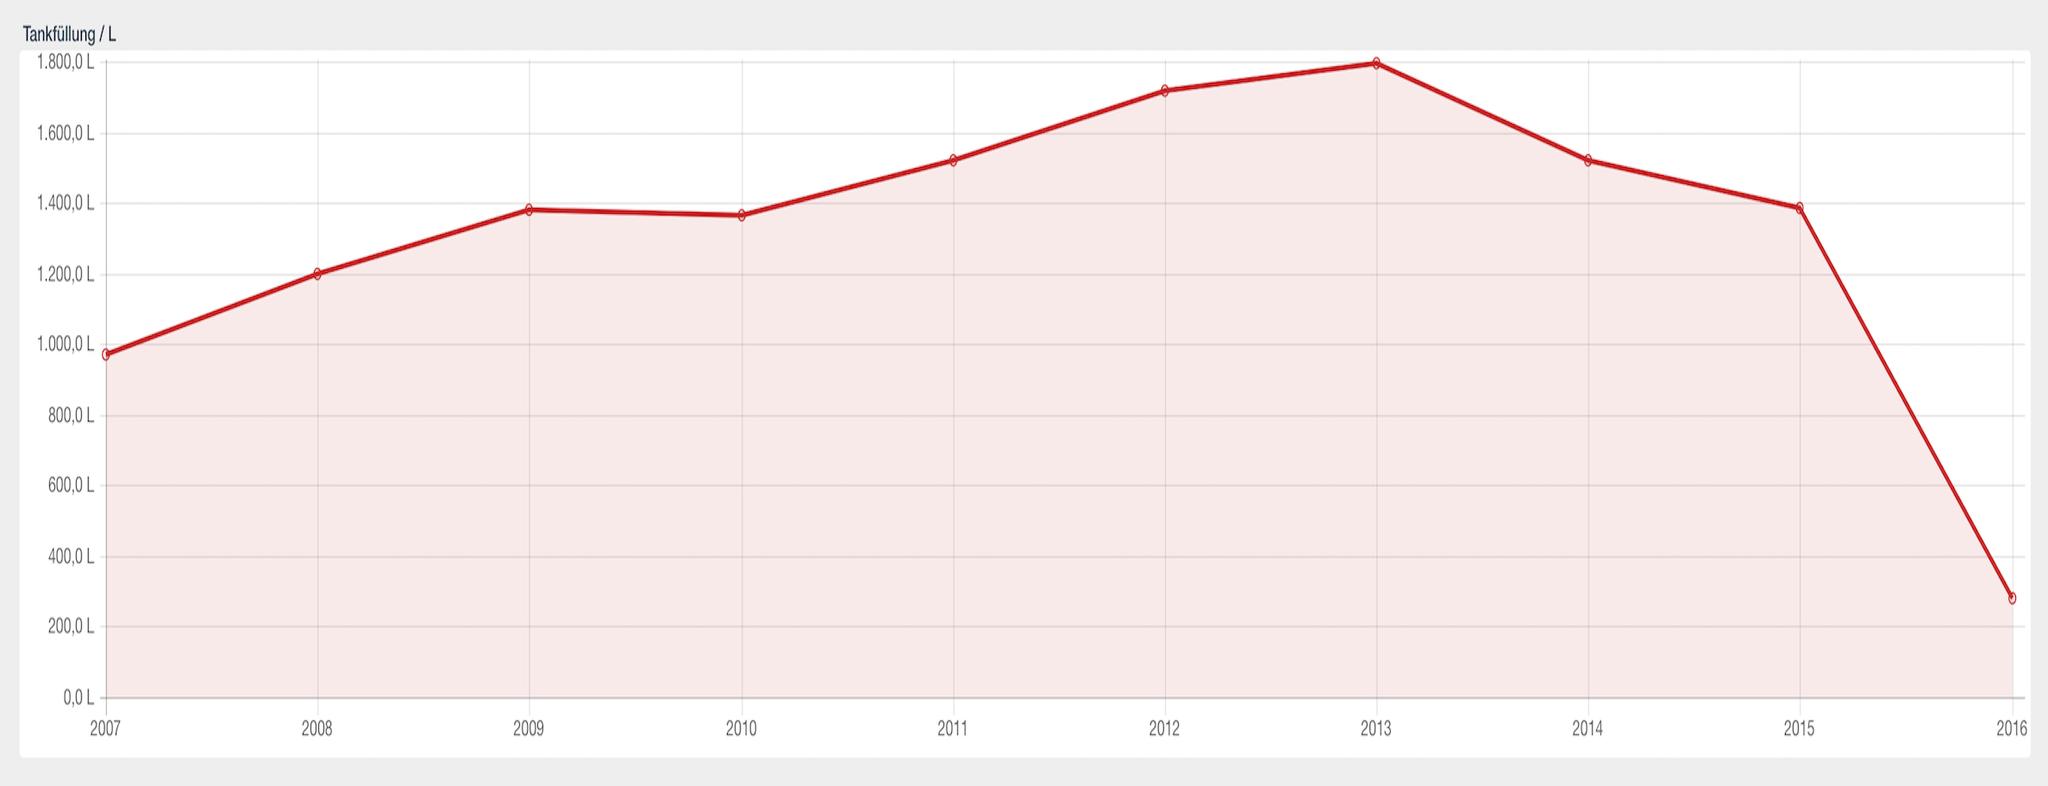 Die gesamte Menge Sprit pro Jahr und aller Jahre im Verlauf als Liniendiagramm.